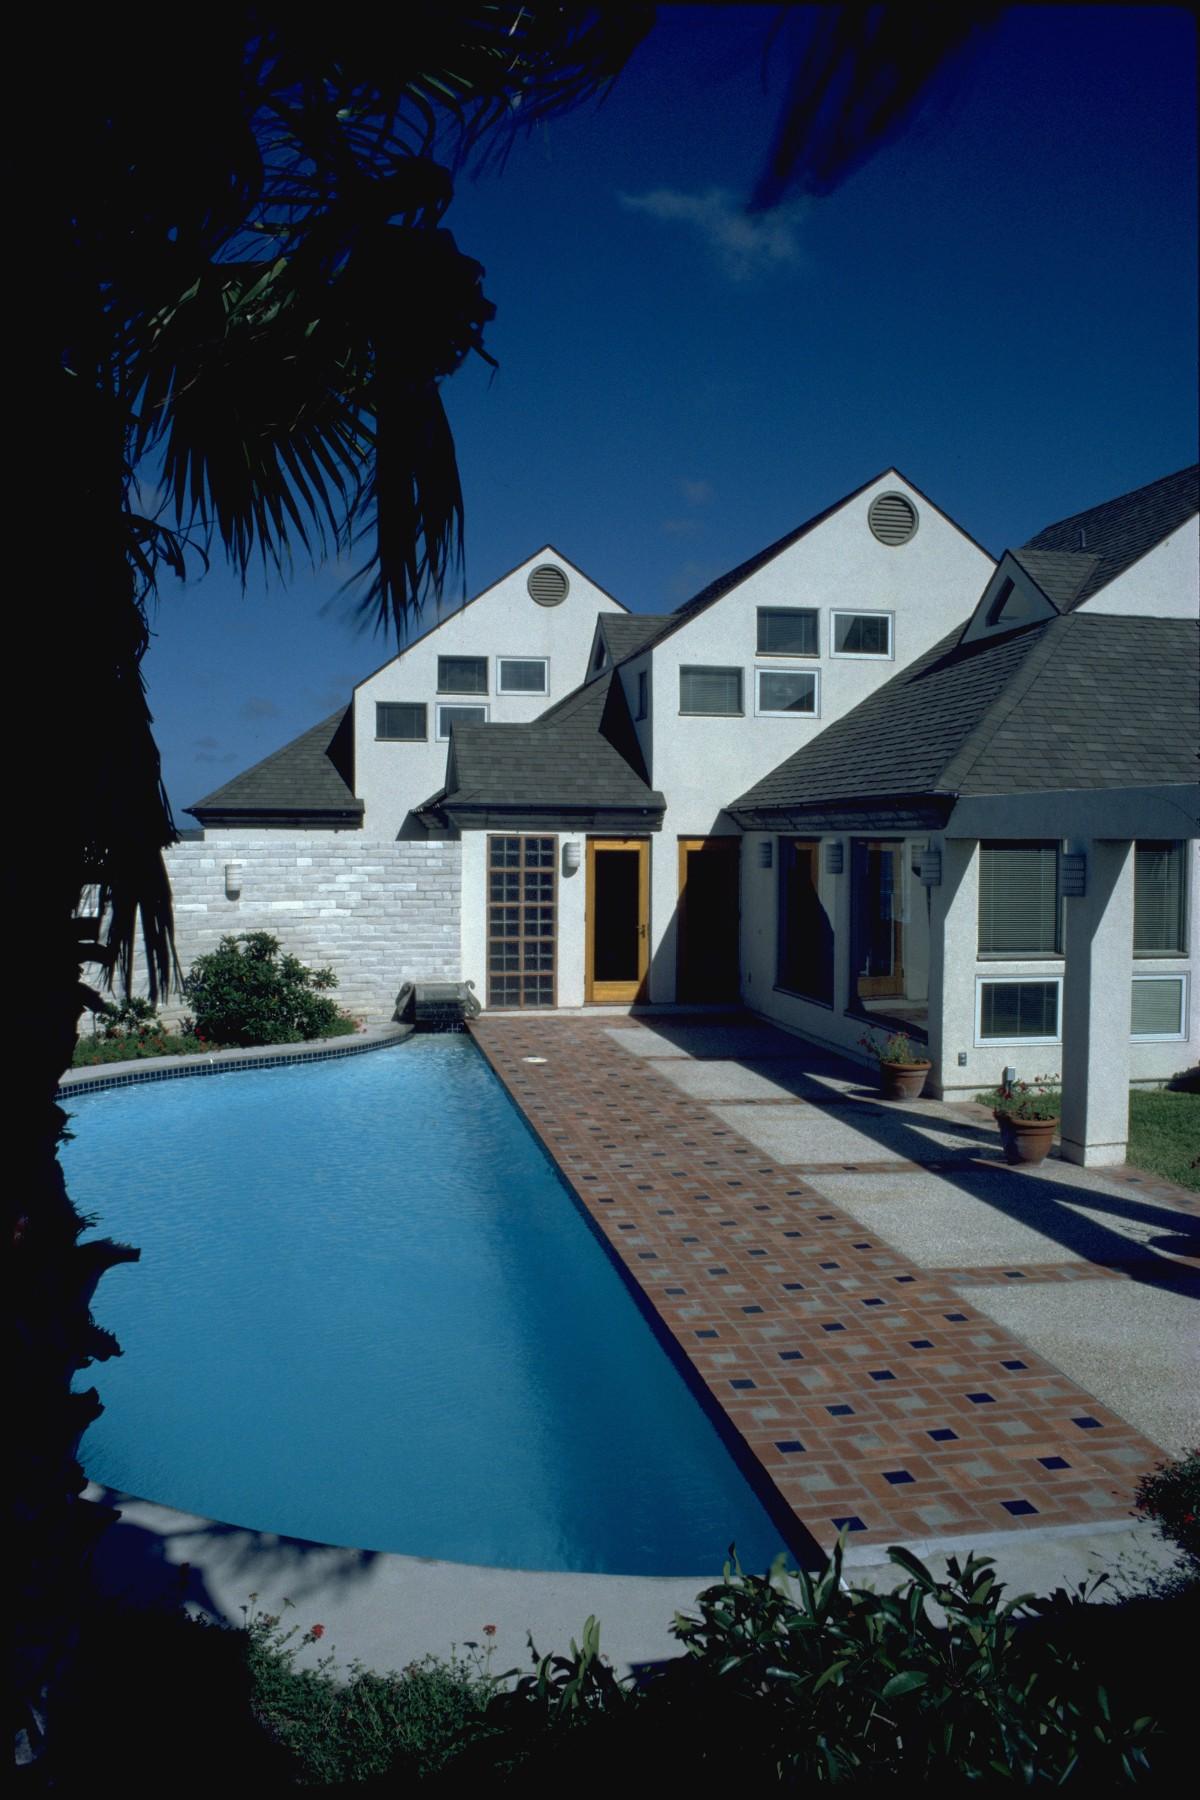 richter residence pool.jpg